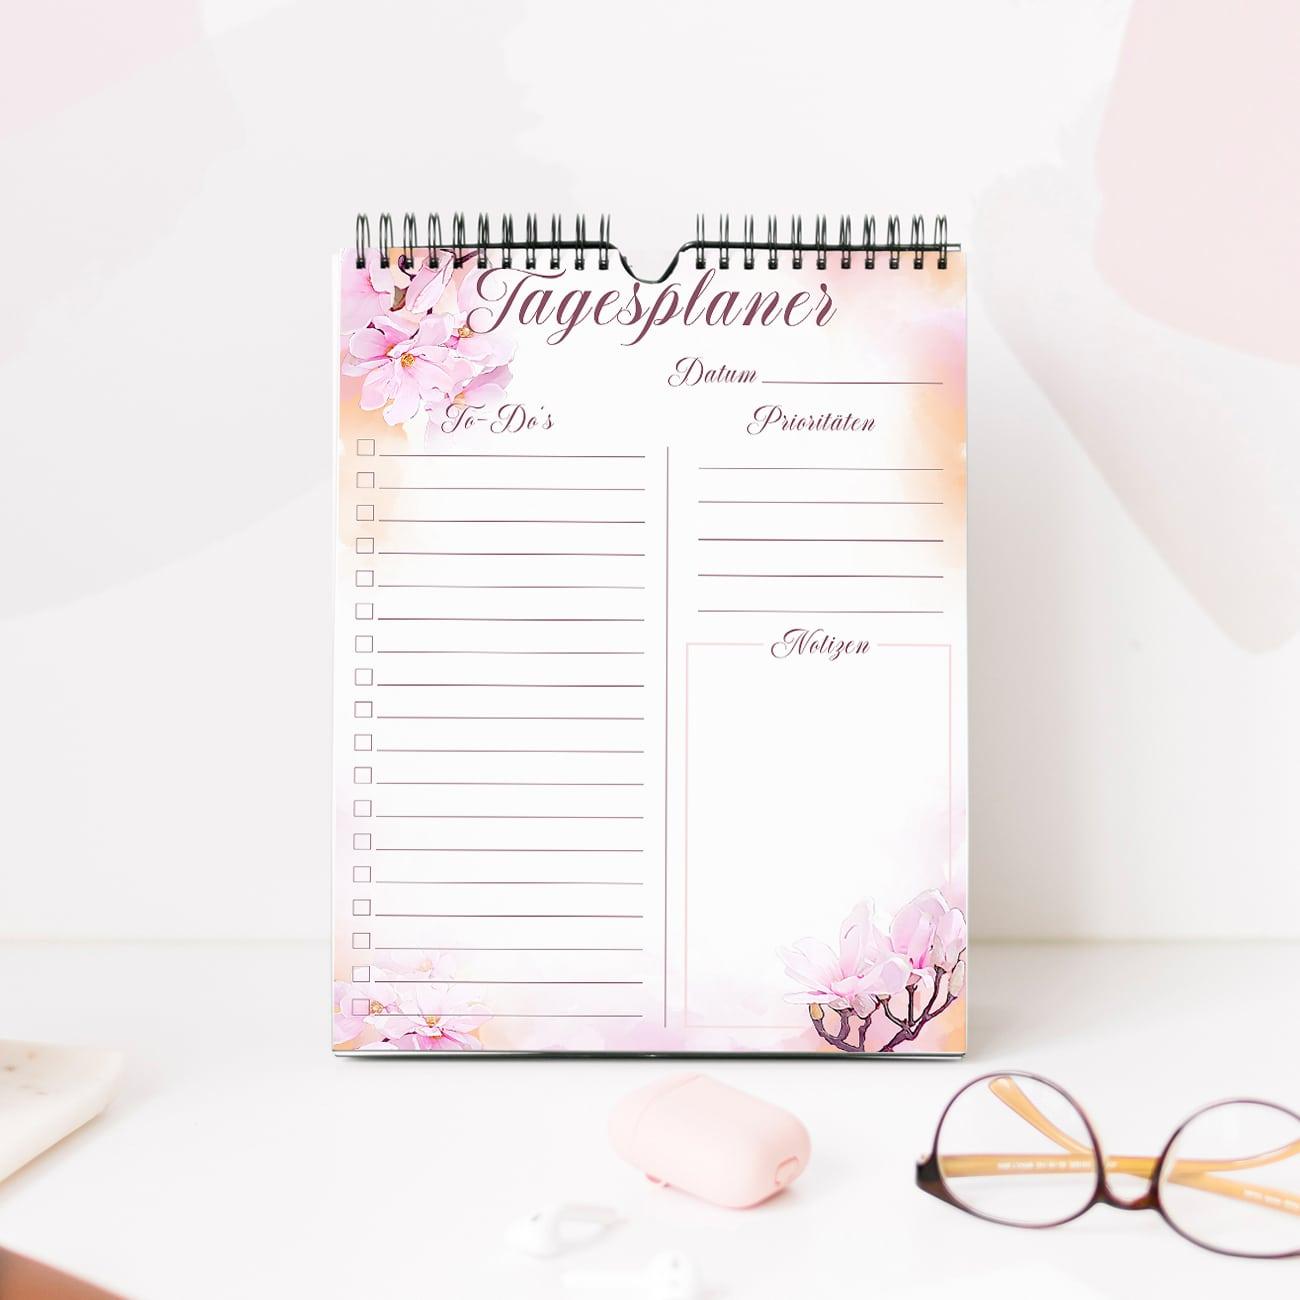 Tagesplan Vorlage zum Ausdrucken ausfüllbar pdf modern aquarell